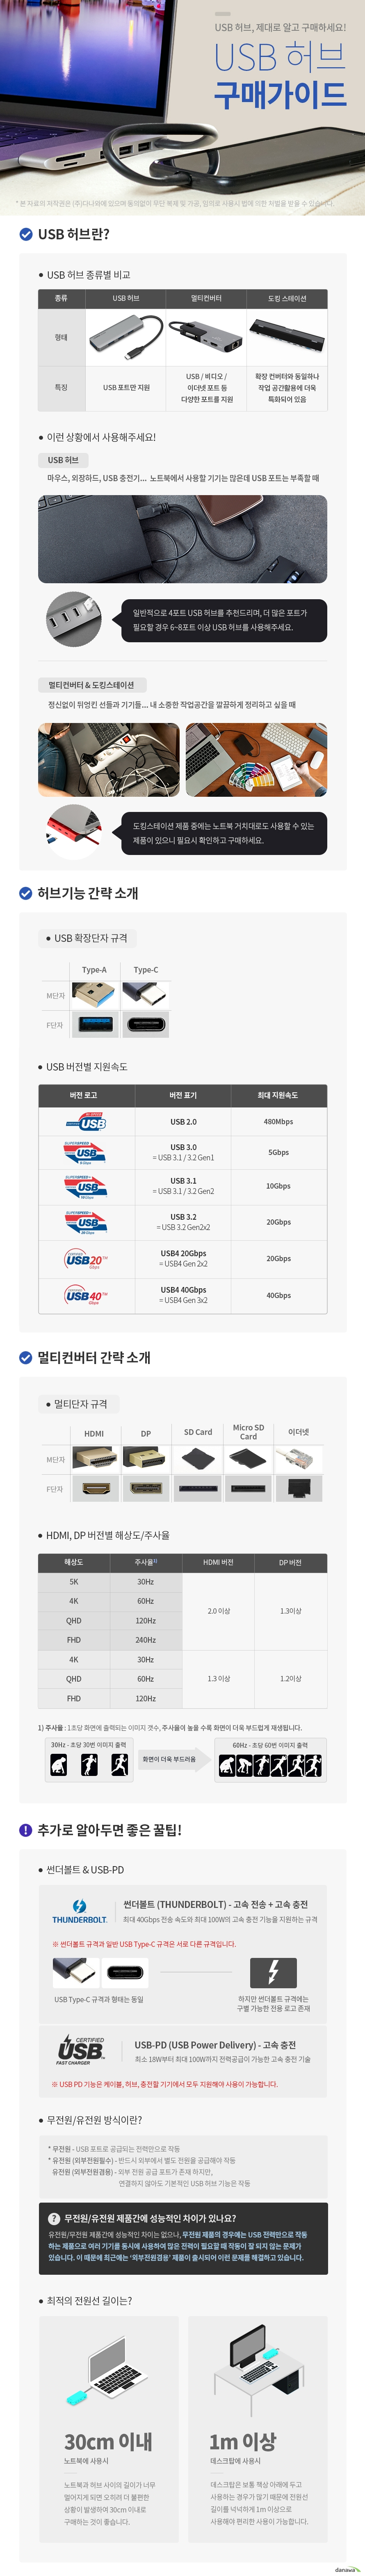 대진씨앤엠 RRP DJH-4030 (4포트/USB 2.0)